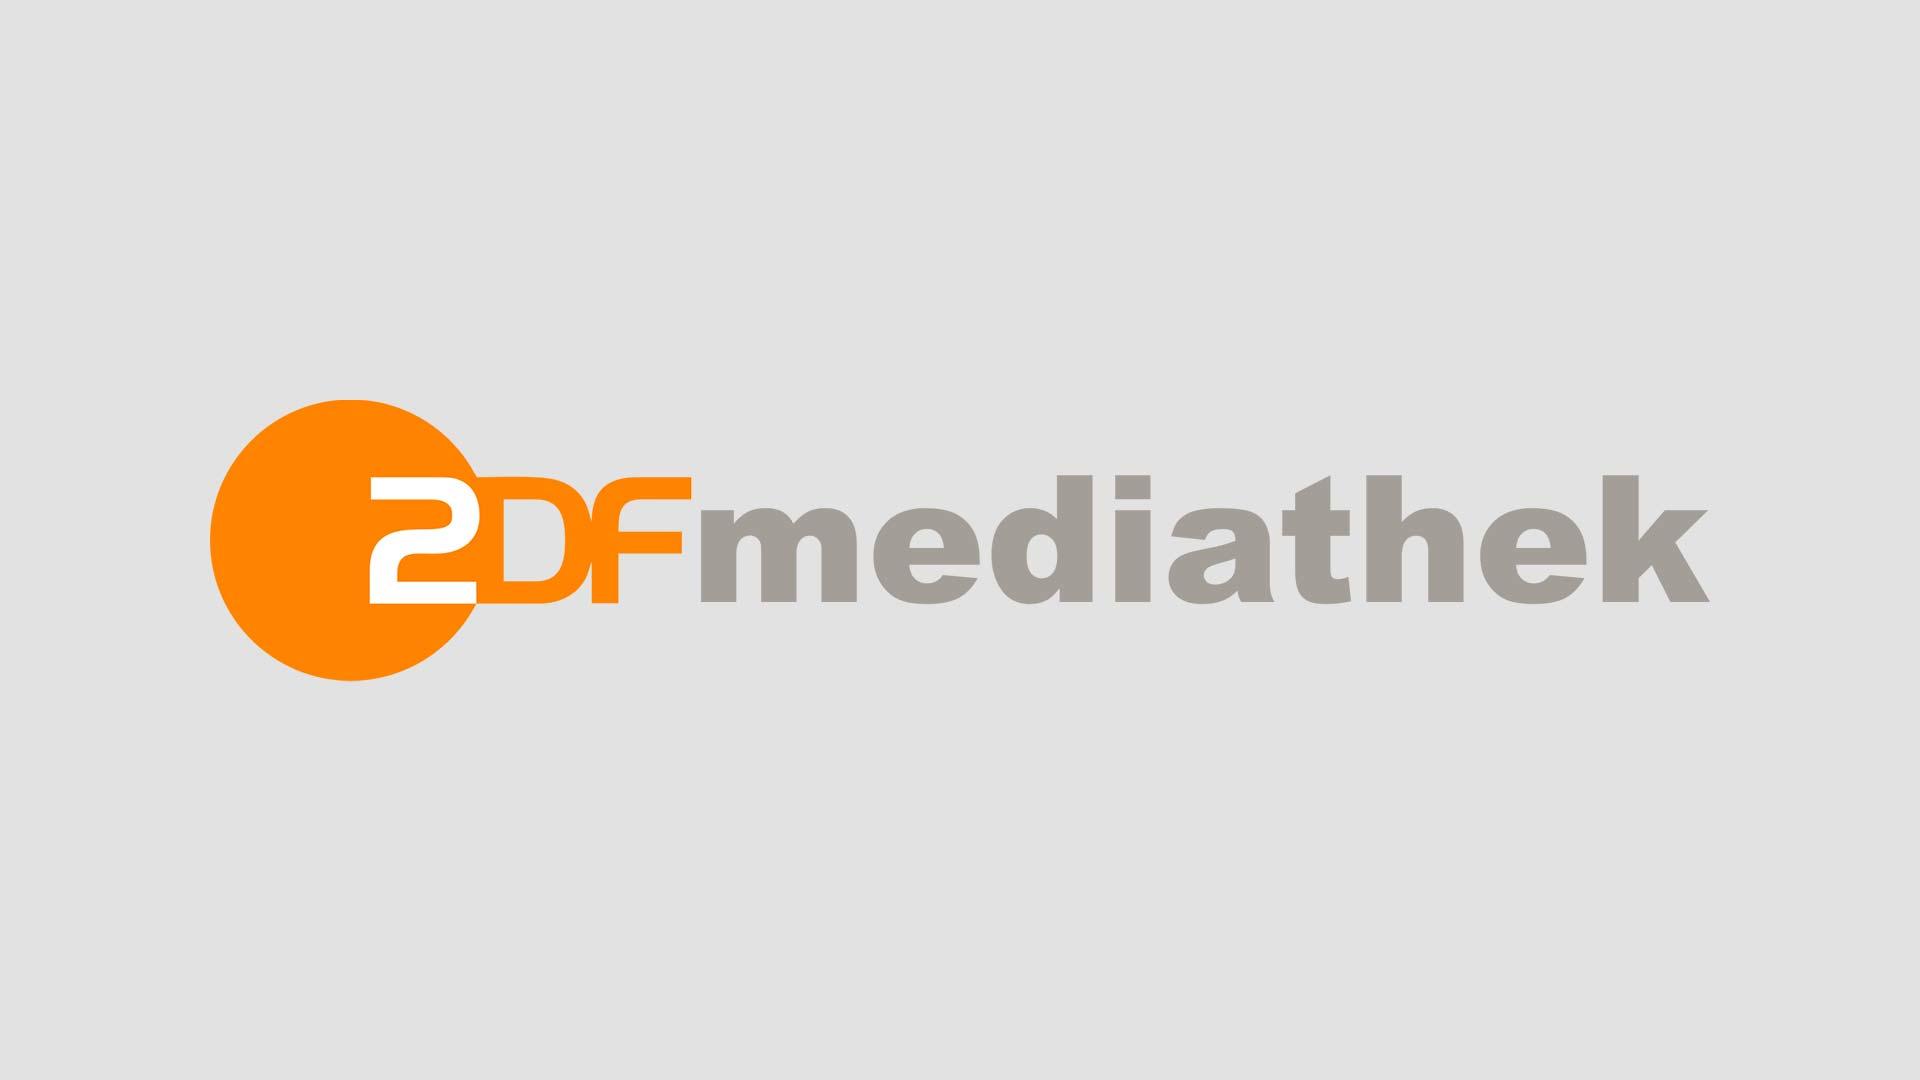 Www.Mediathek Zdf